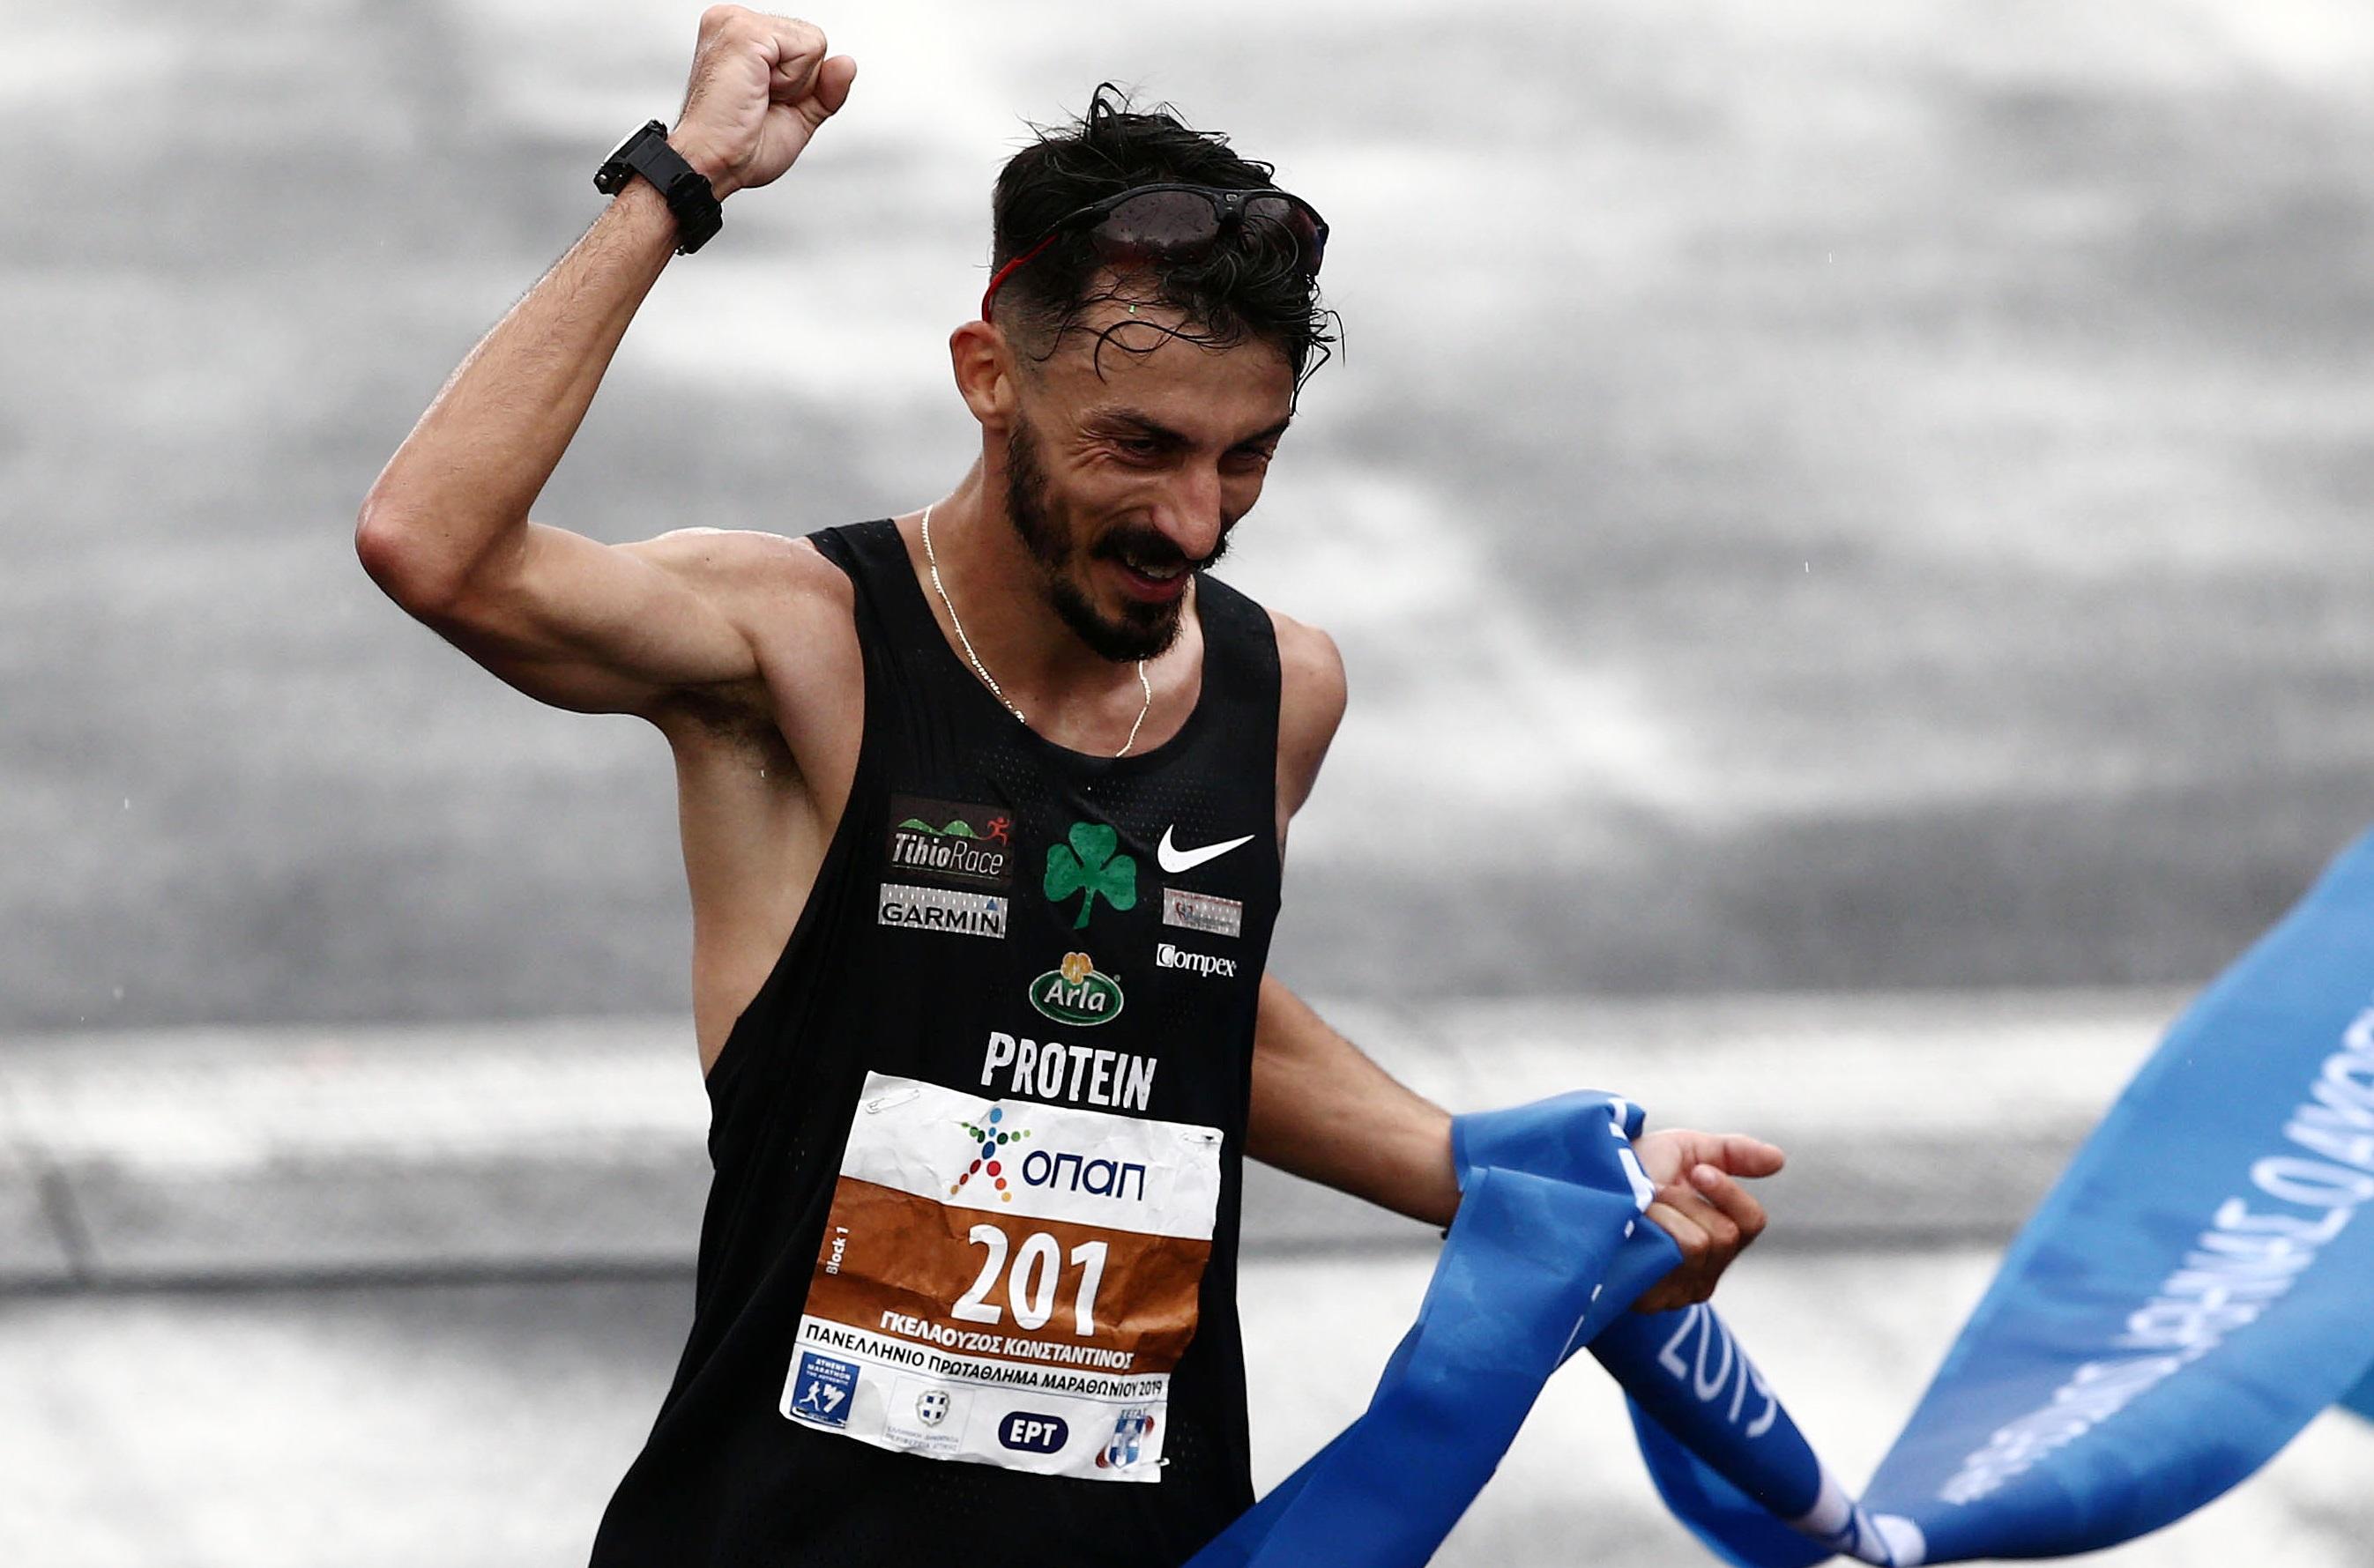 Μαραθώνιος 2019: 3ος και πρωταθλητής Ελλάδας ο Γκελαούζος! Αποθεώθηκε από φίλους του Παναθηναϊκού – video